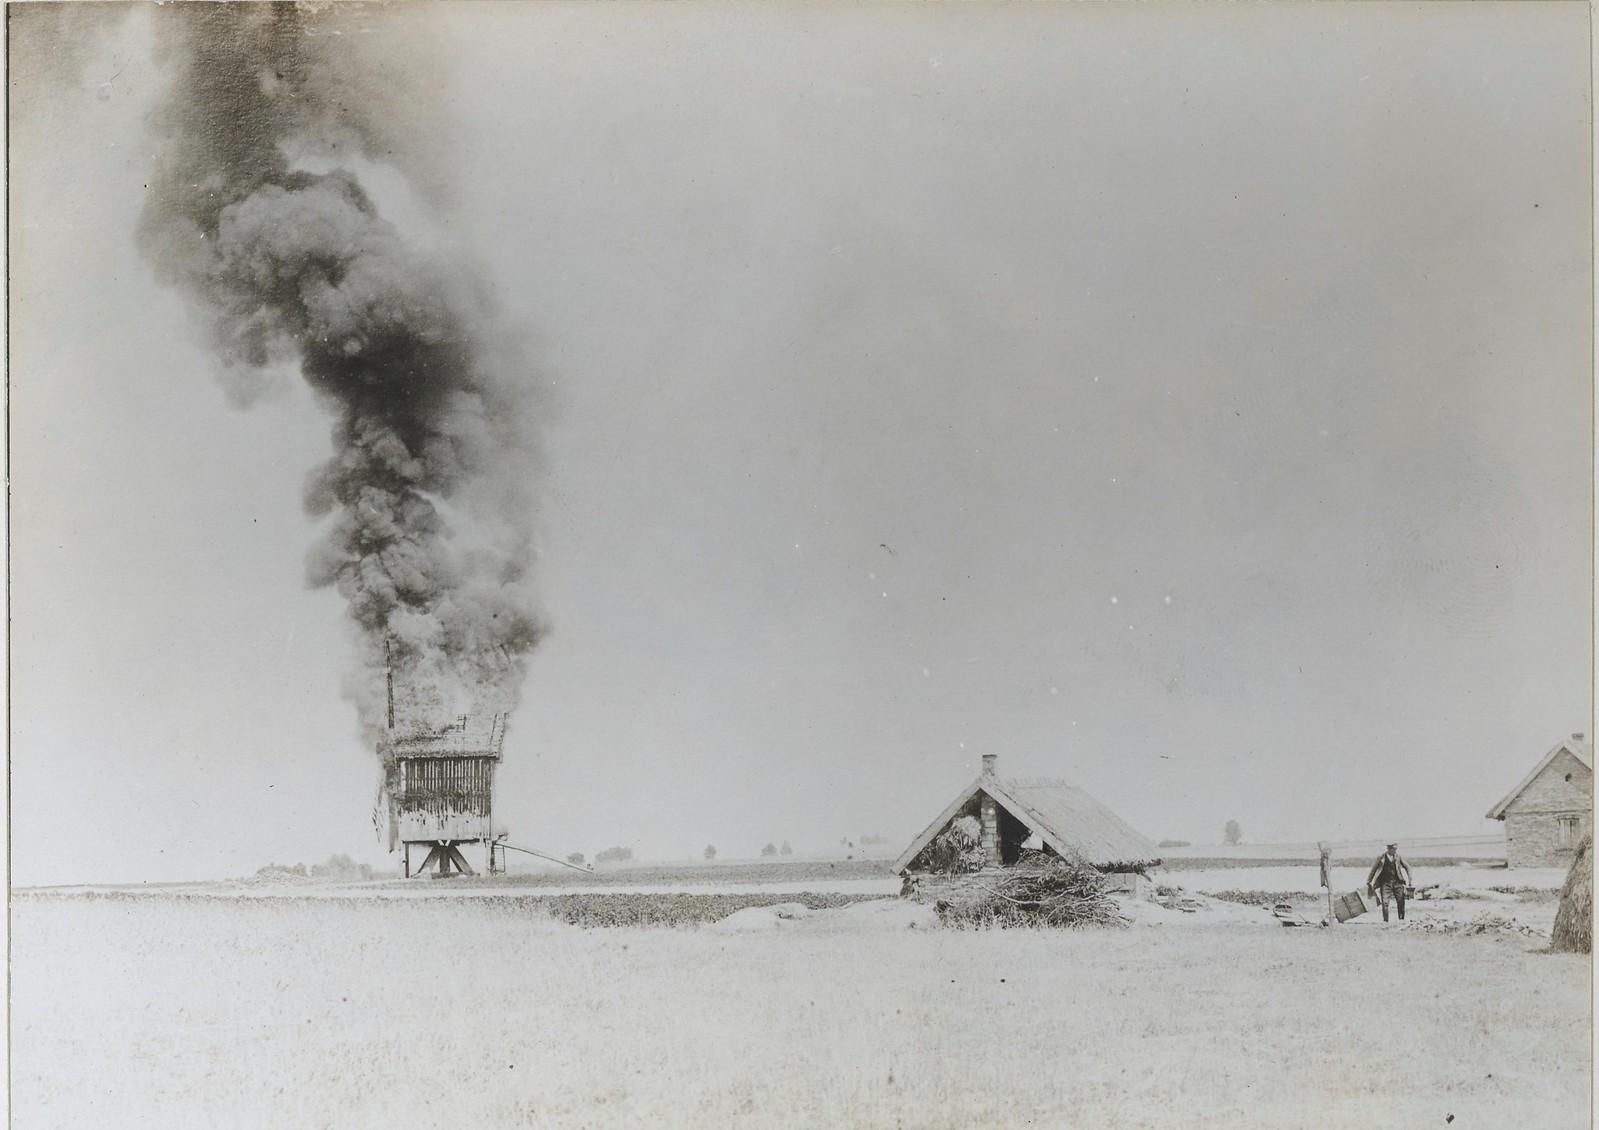 Большевики подожгли зернохранилище